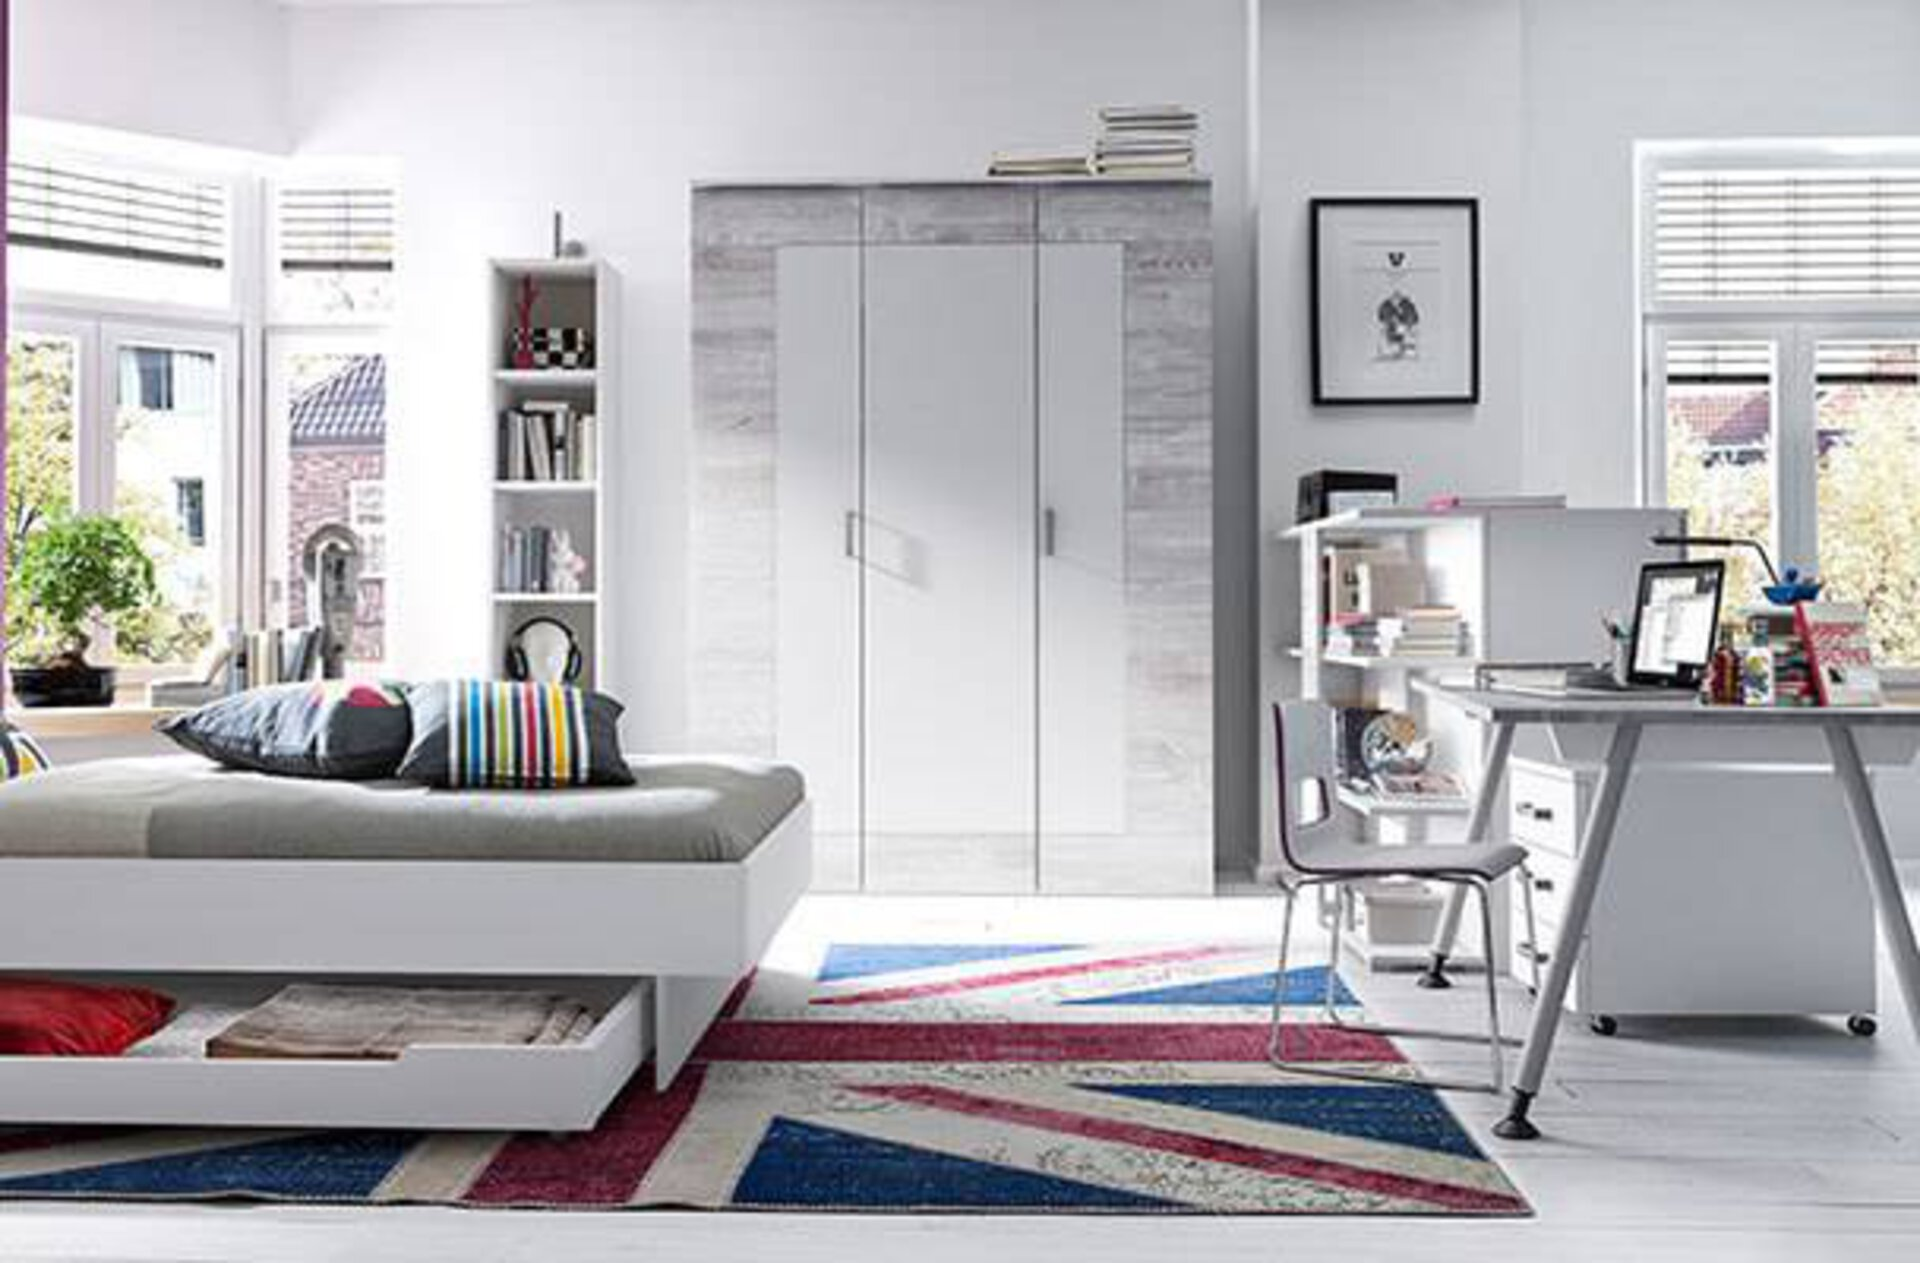 Milieubild zu Kinderzimmer zeigt hell eingerichtetes Jugendzimmer mit Teppich im Union-Flag-Design